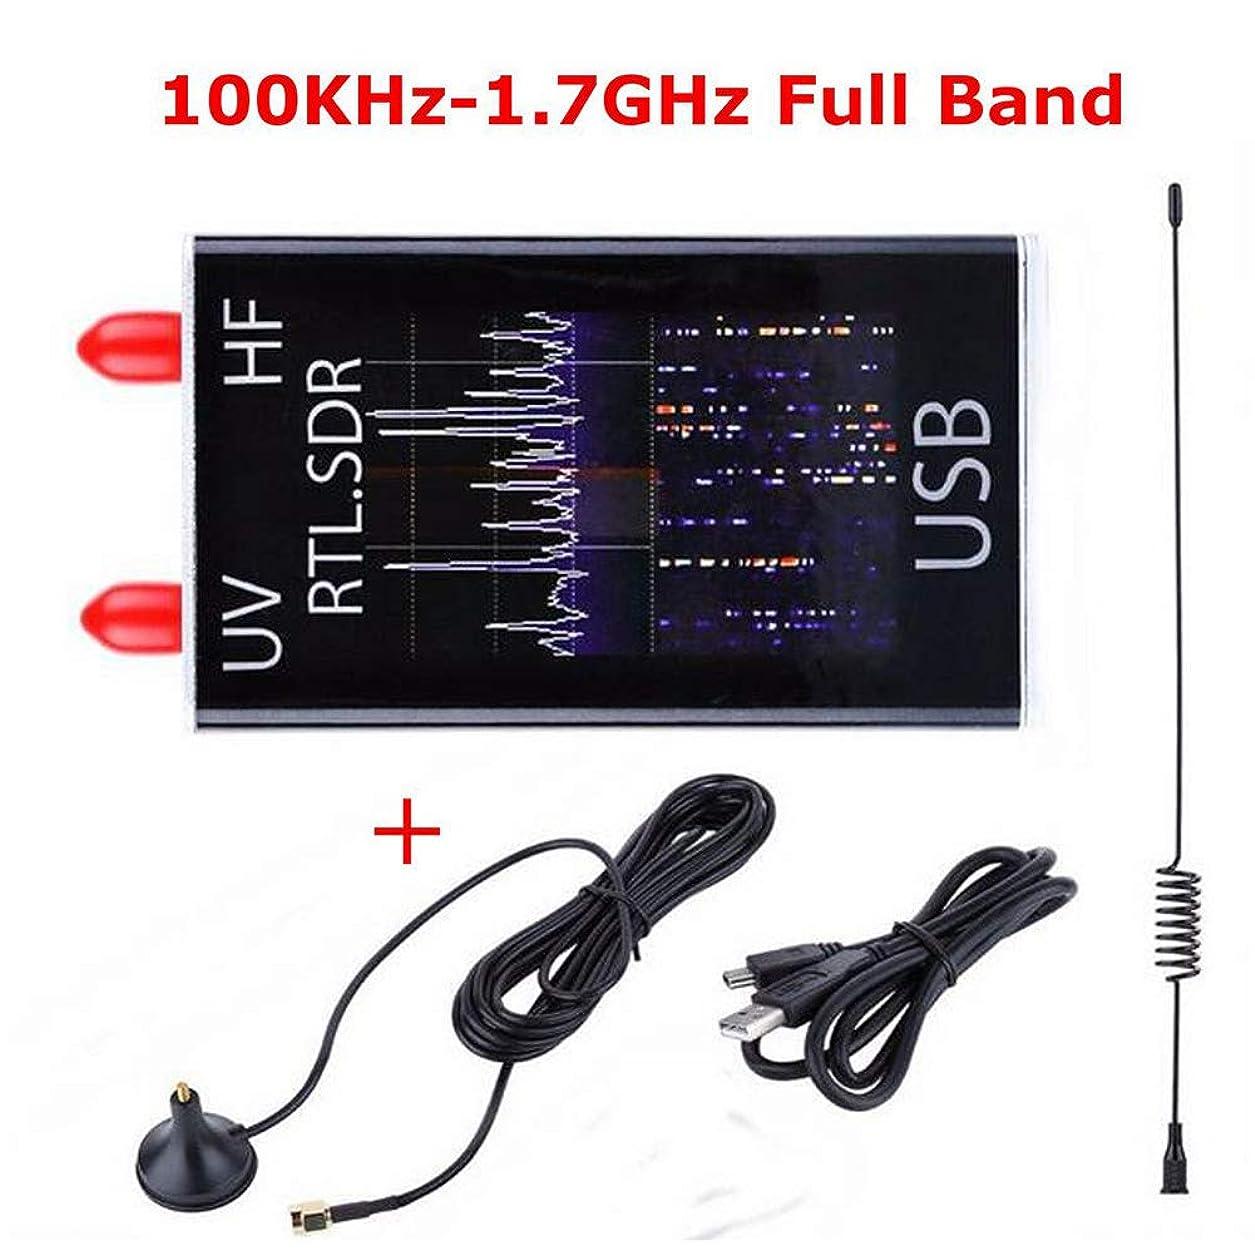 電気差別特徴づけるACHICOO 100KHz?1.7GHzフルバンドUV HF RTL-SDR USBチューナーレシーバ/ R820T + 8232ハムラジオ